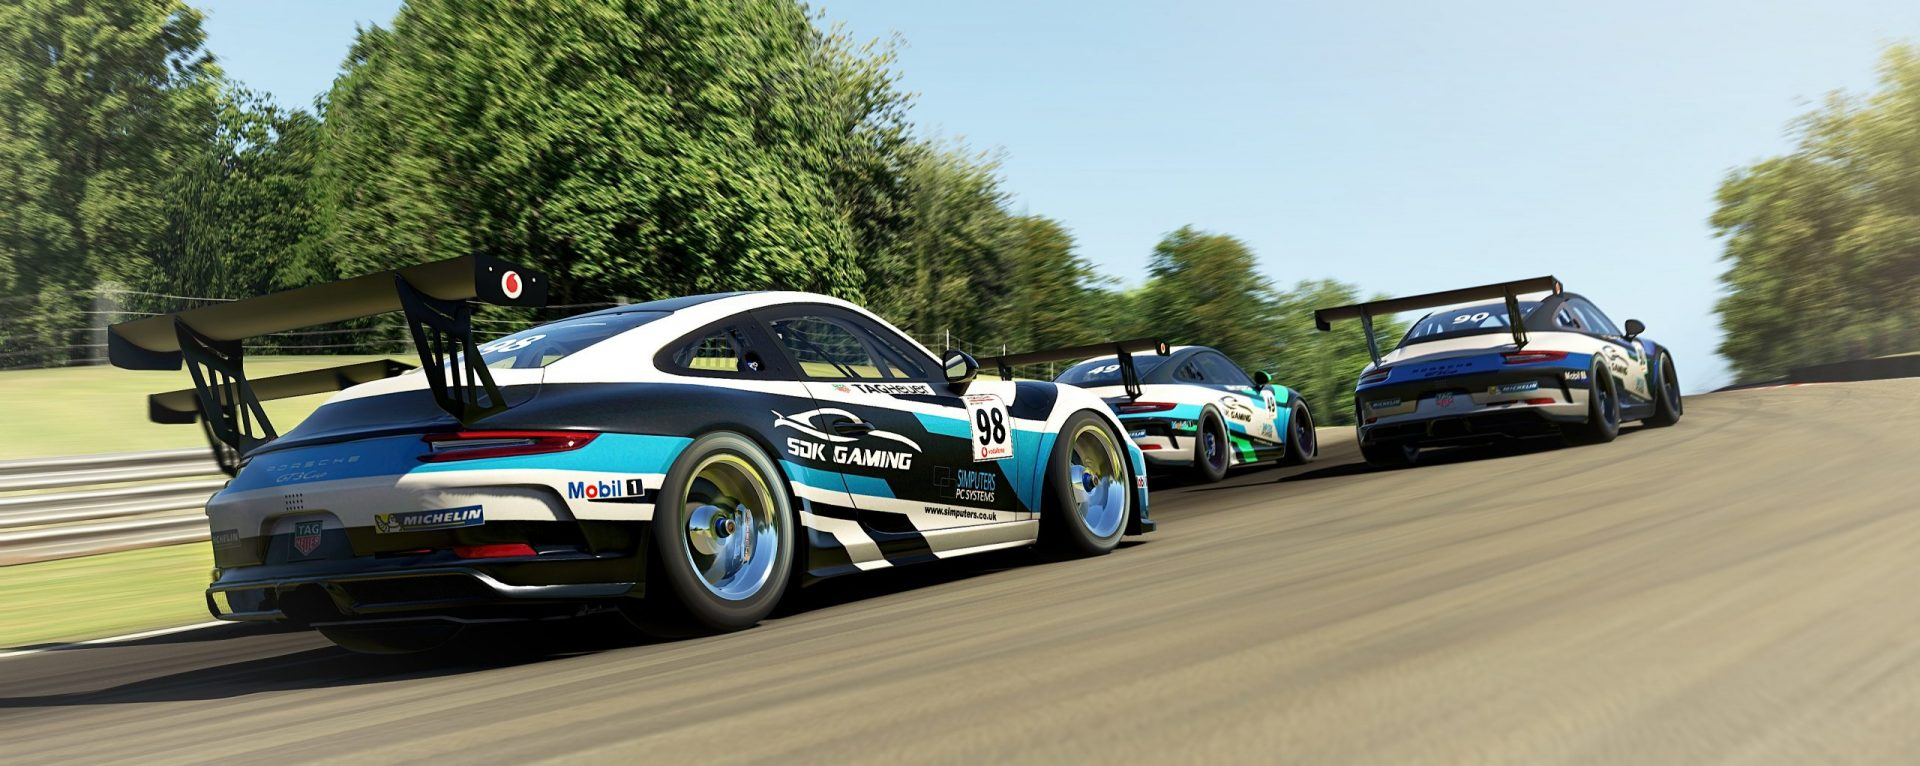 Porsche Tag Heuer Esports Supercup – Round 6